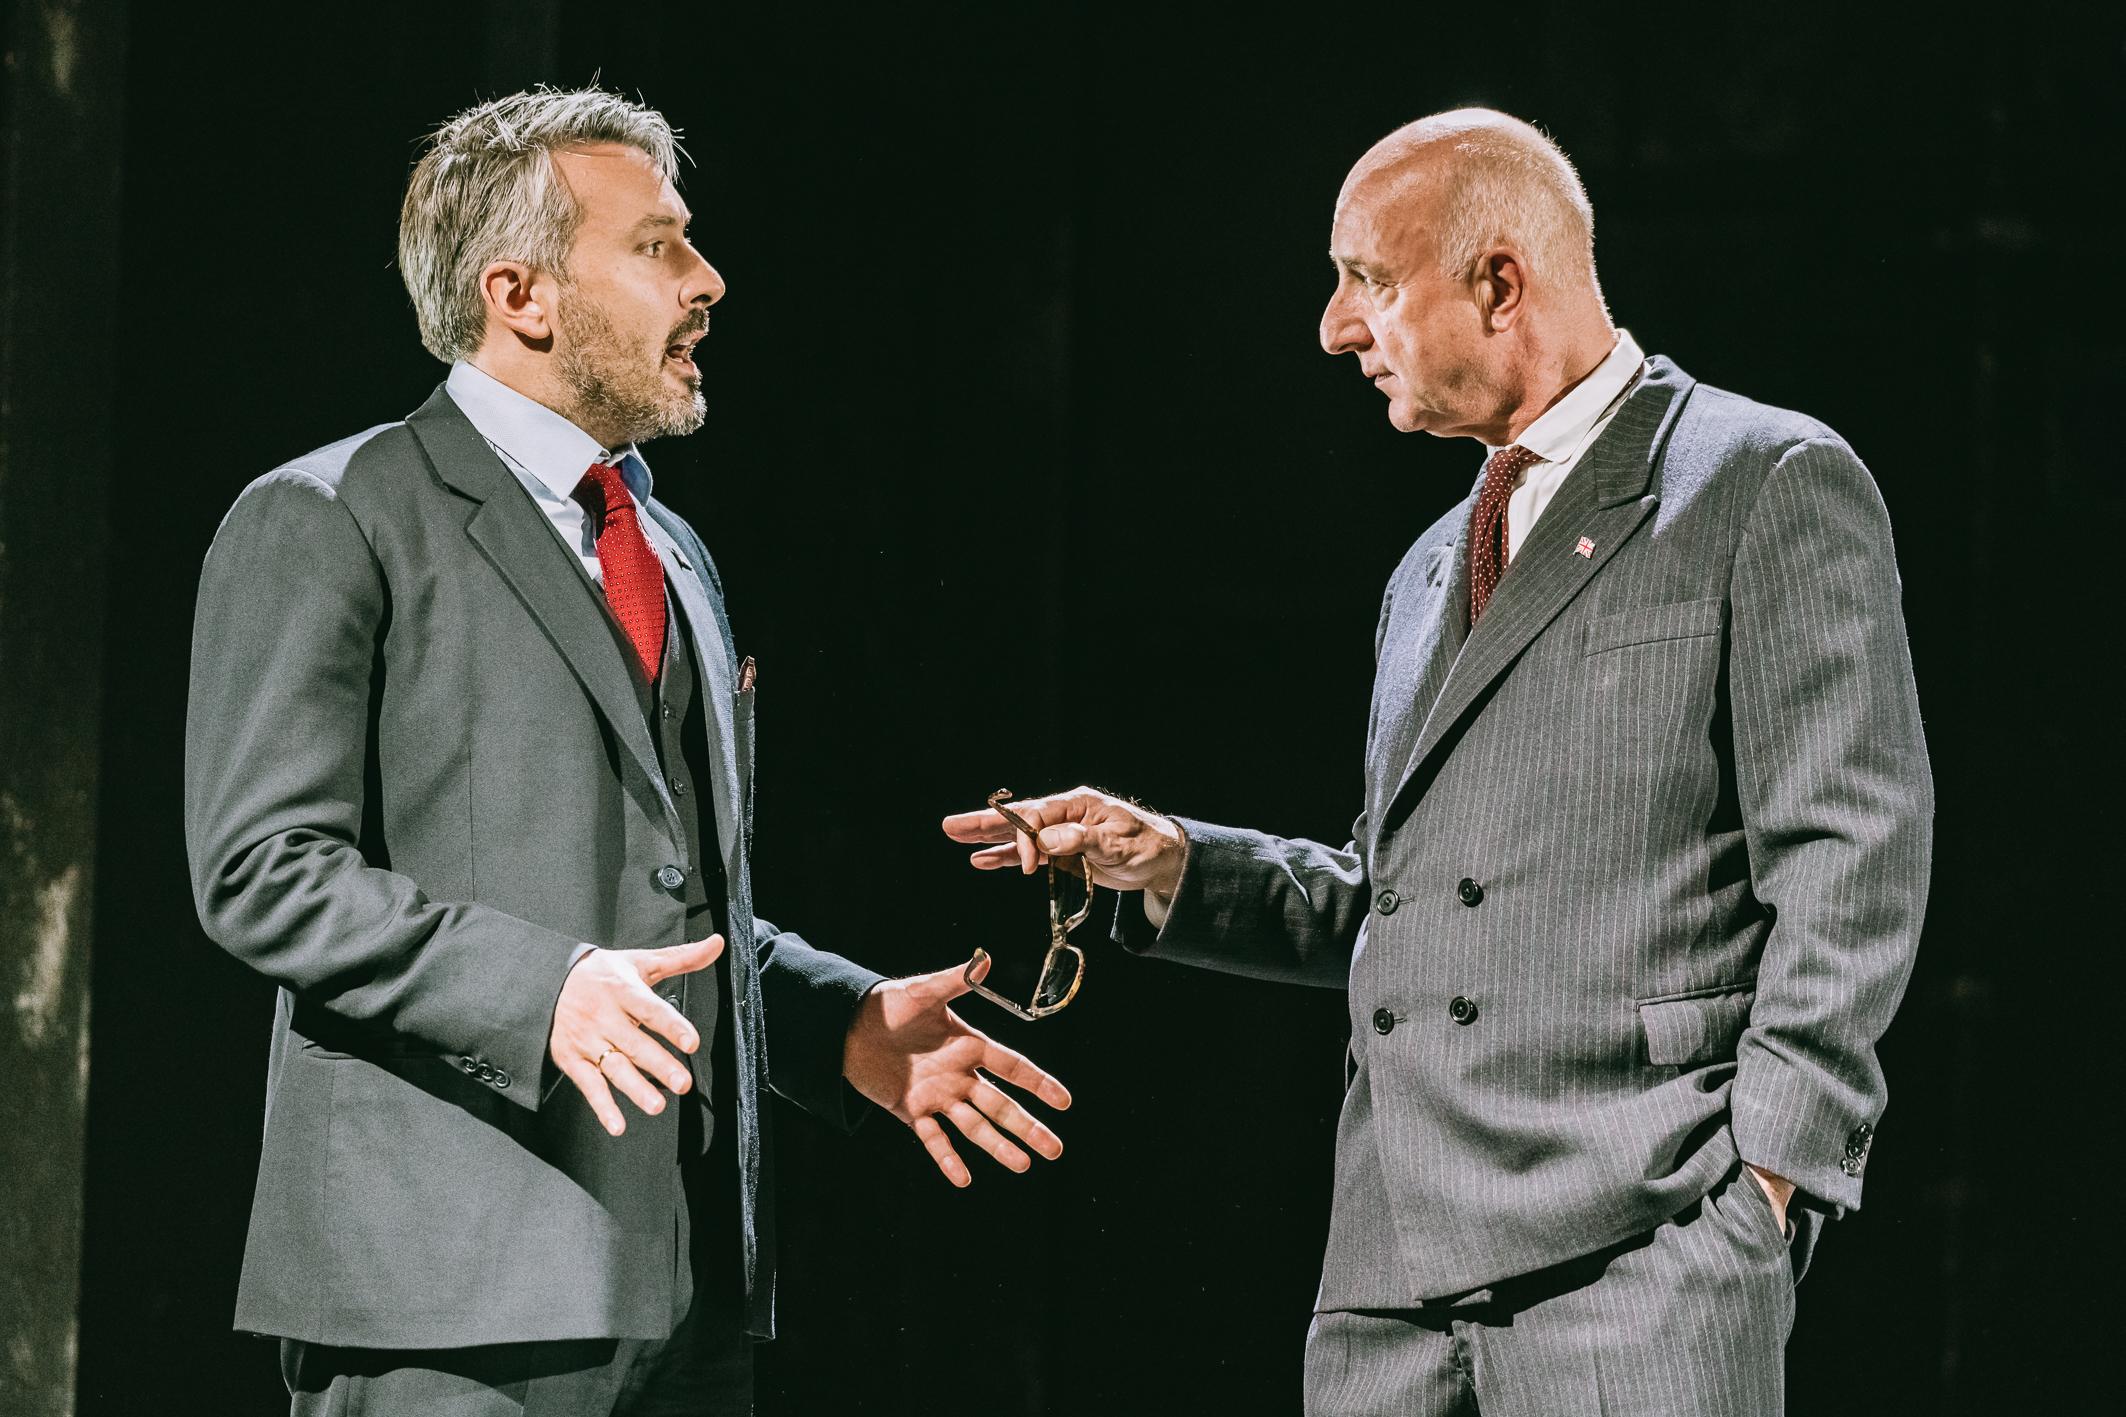 Lukas Spisser, Michael Schönborn